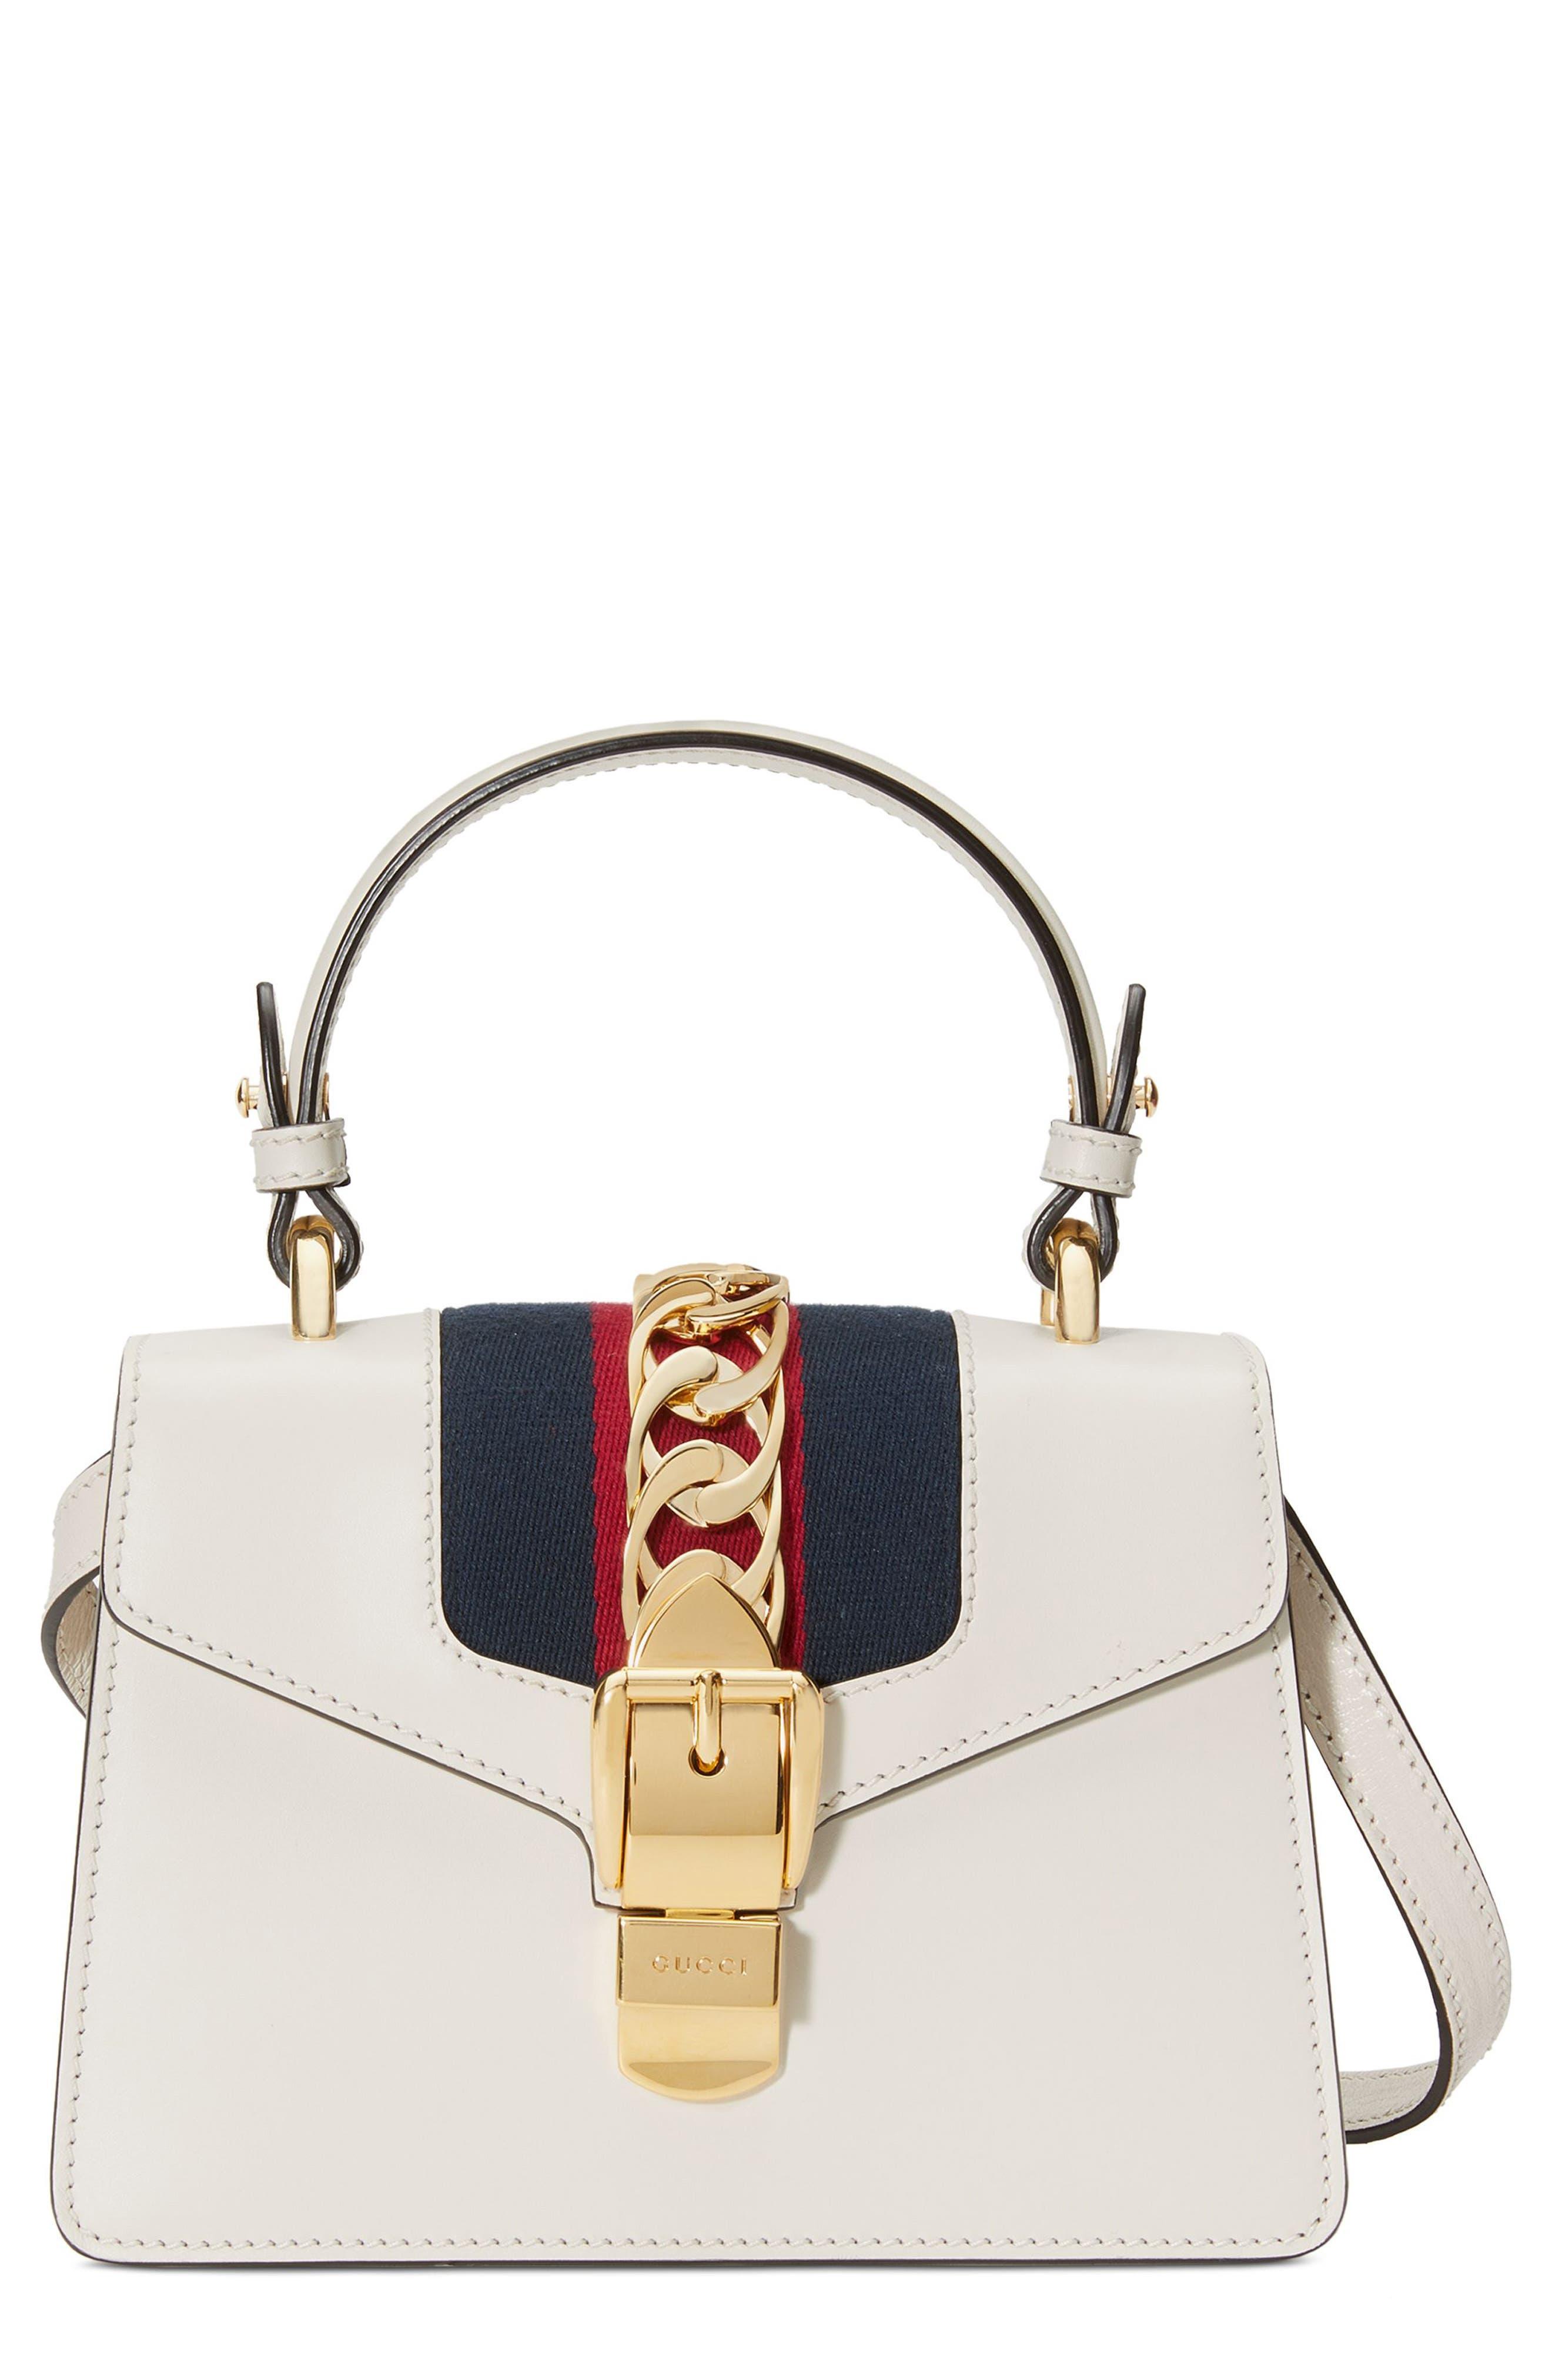 GUCCI Mini Sylvie Top Handle Leather Shoulder Bag, Main, color, MYSTIC WHITE